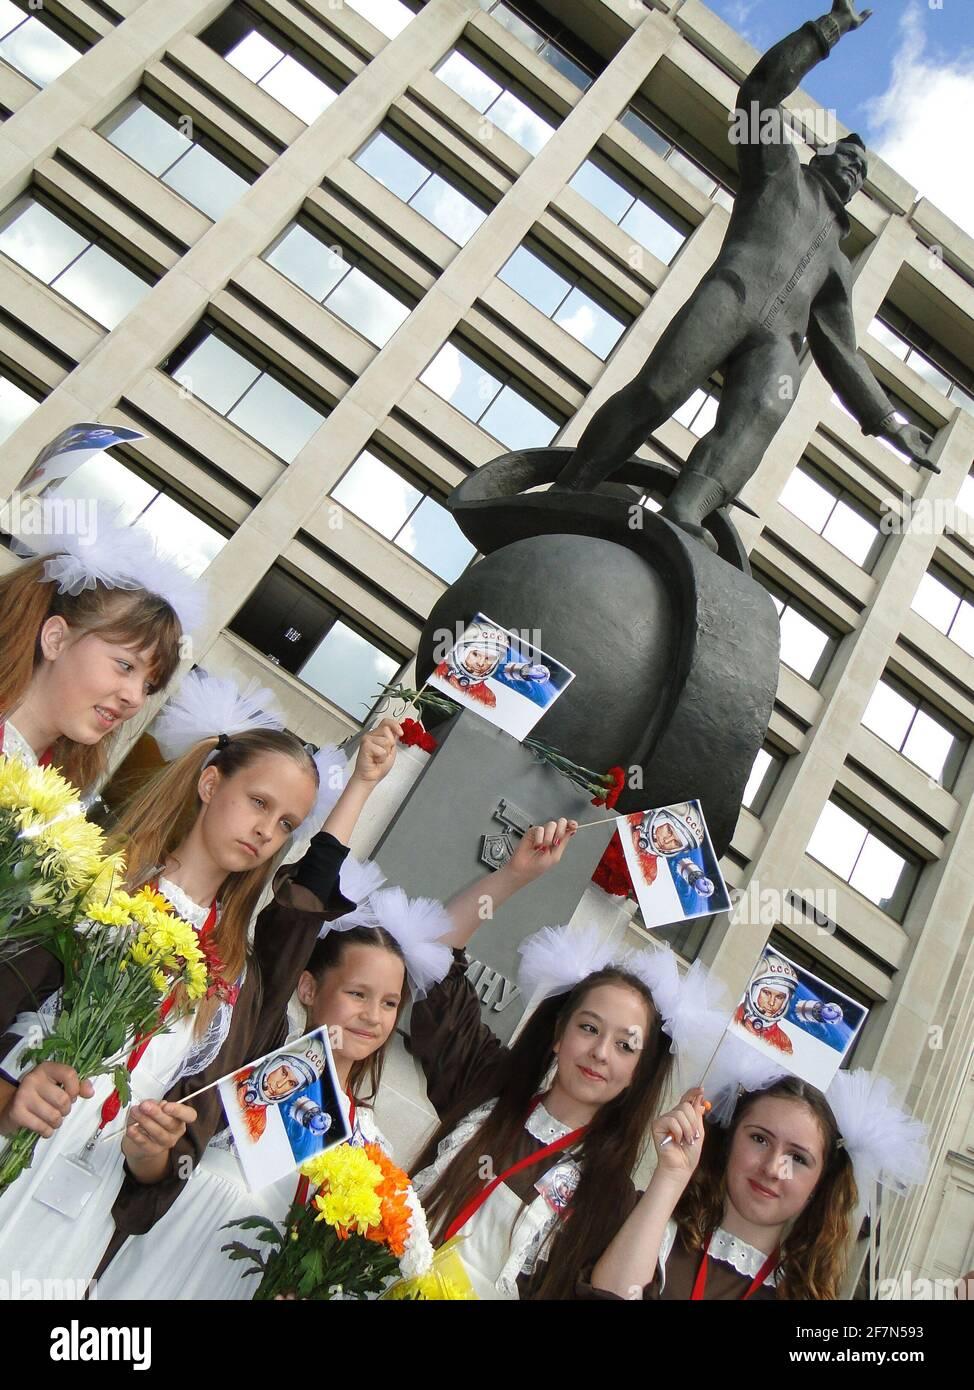 Die Statue wird Yuri Gagarin enthüllt - dem ersten Mann im Kosmos im British Council Gebäude in London, Großbritannien Stockfoto